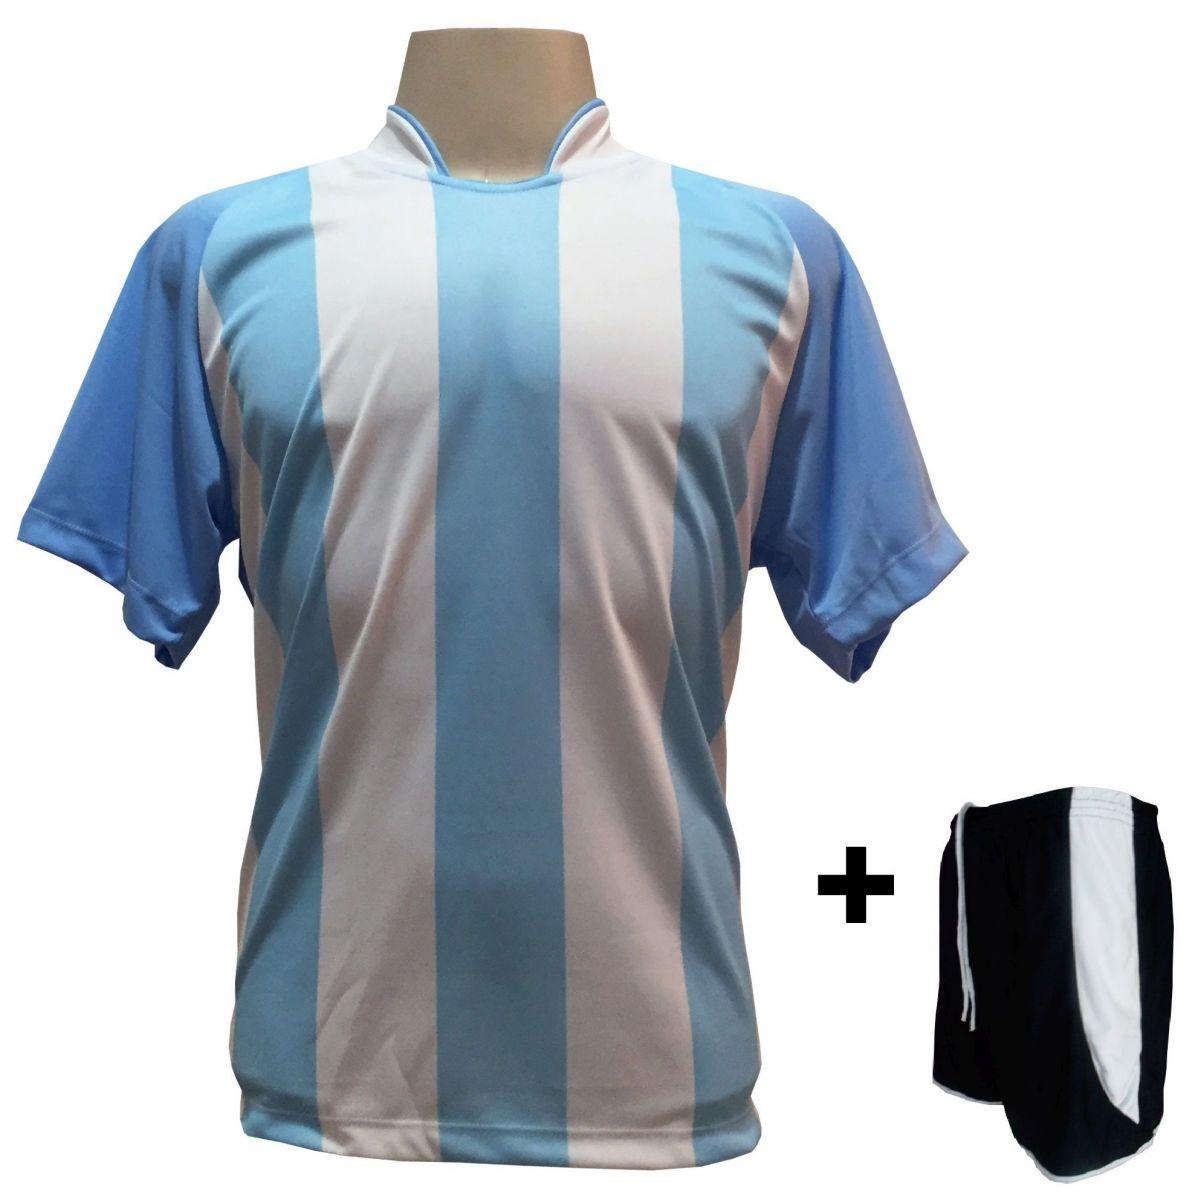 Uniforme Esportivo com 18 camisas modelo Milan Celeste/Branco + 18 calções modelo Copa + 1 Goleiro + Brindes